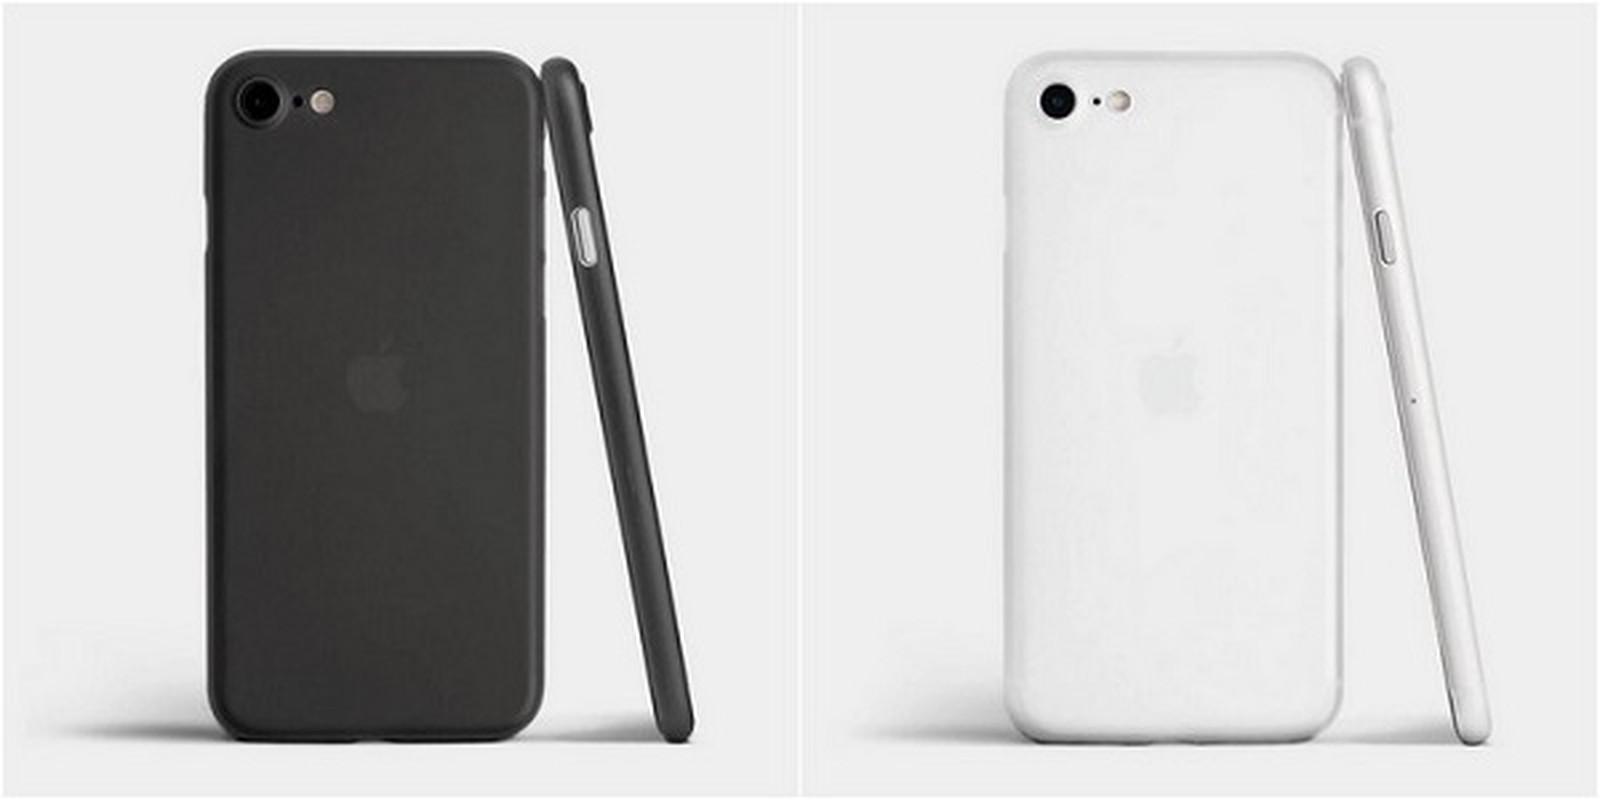 iPhone 9 xep hang binh dan co kieu dang chanh sa co nao?-Hinh-3